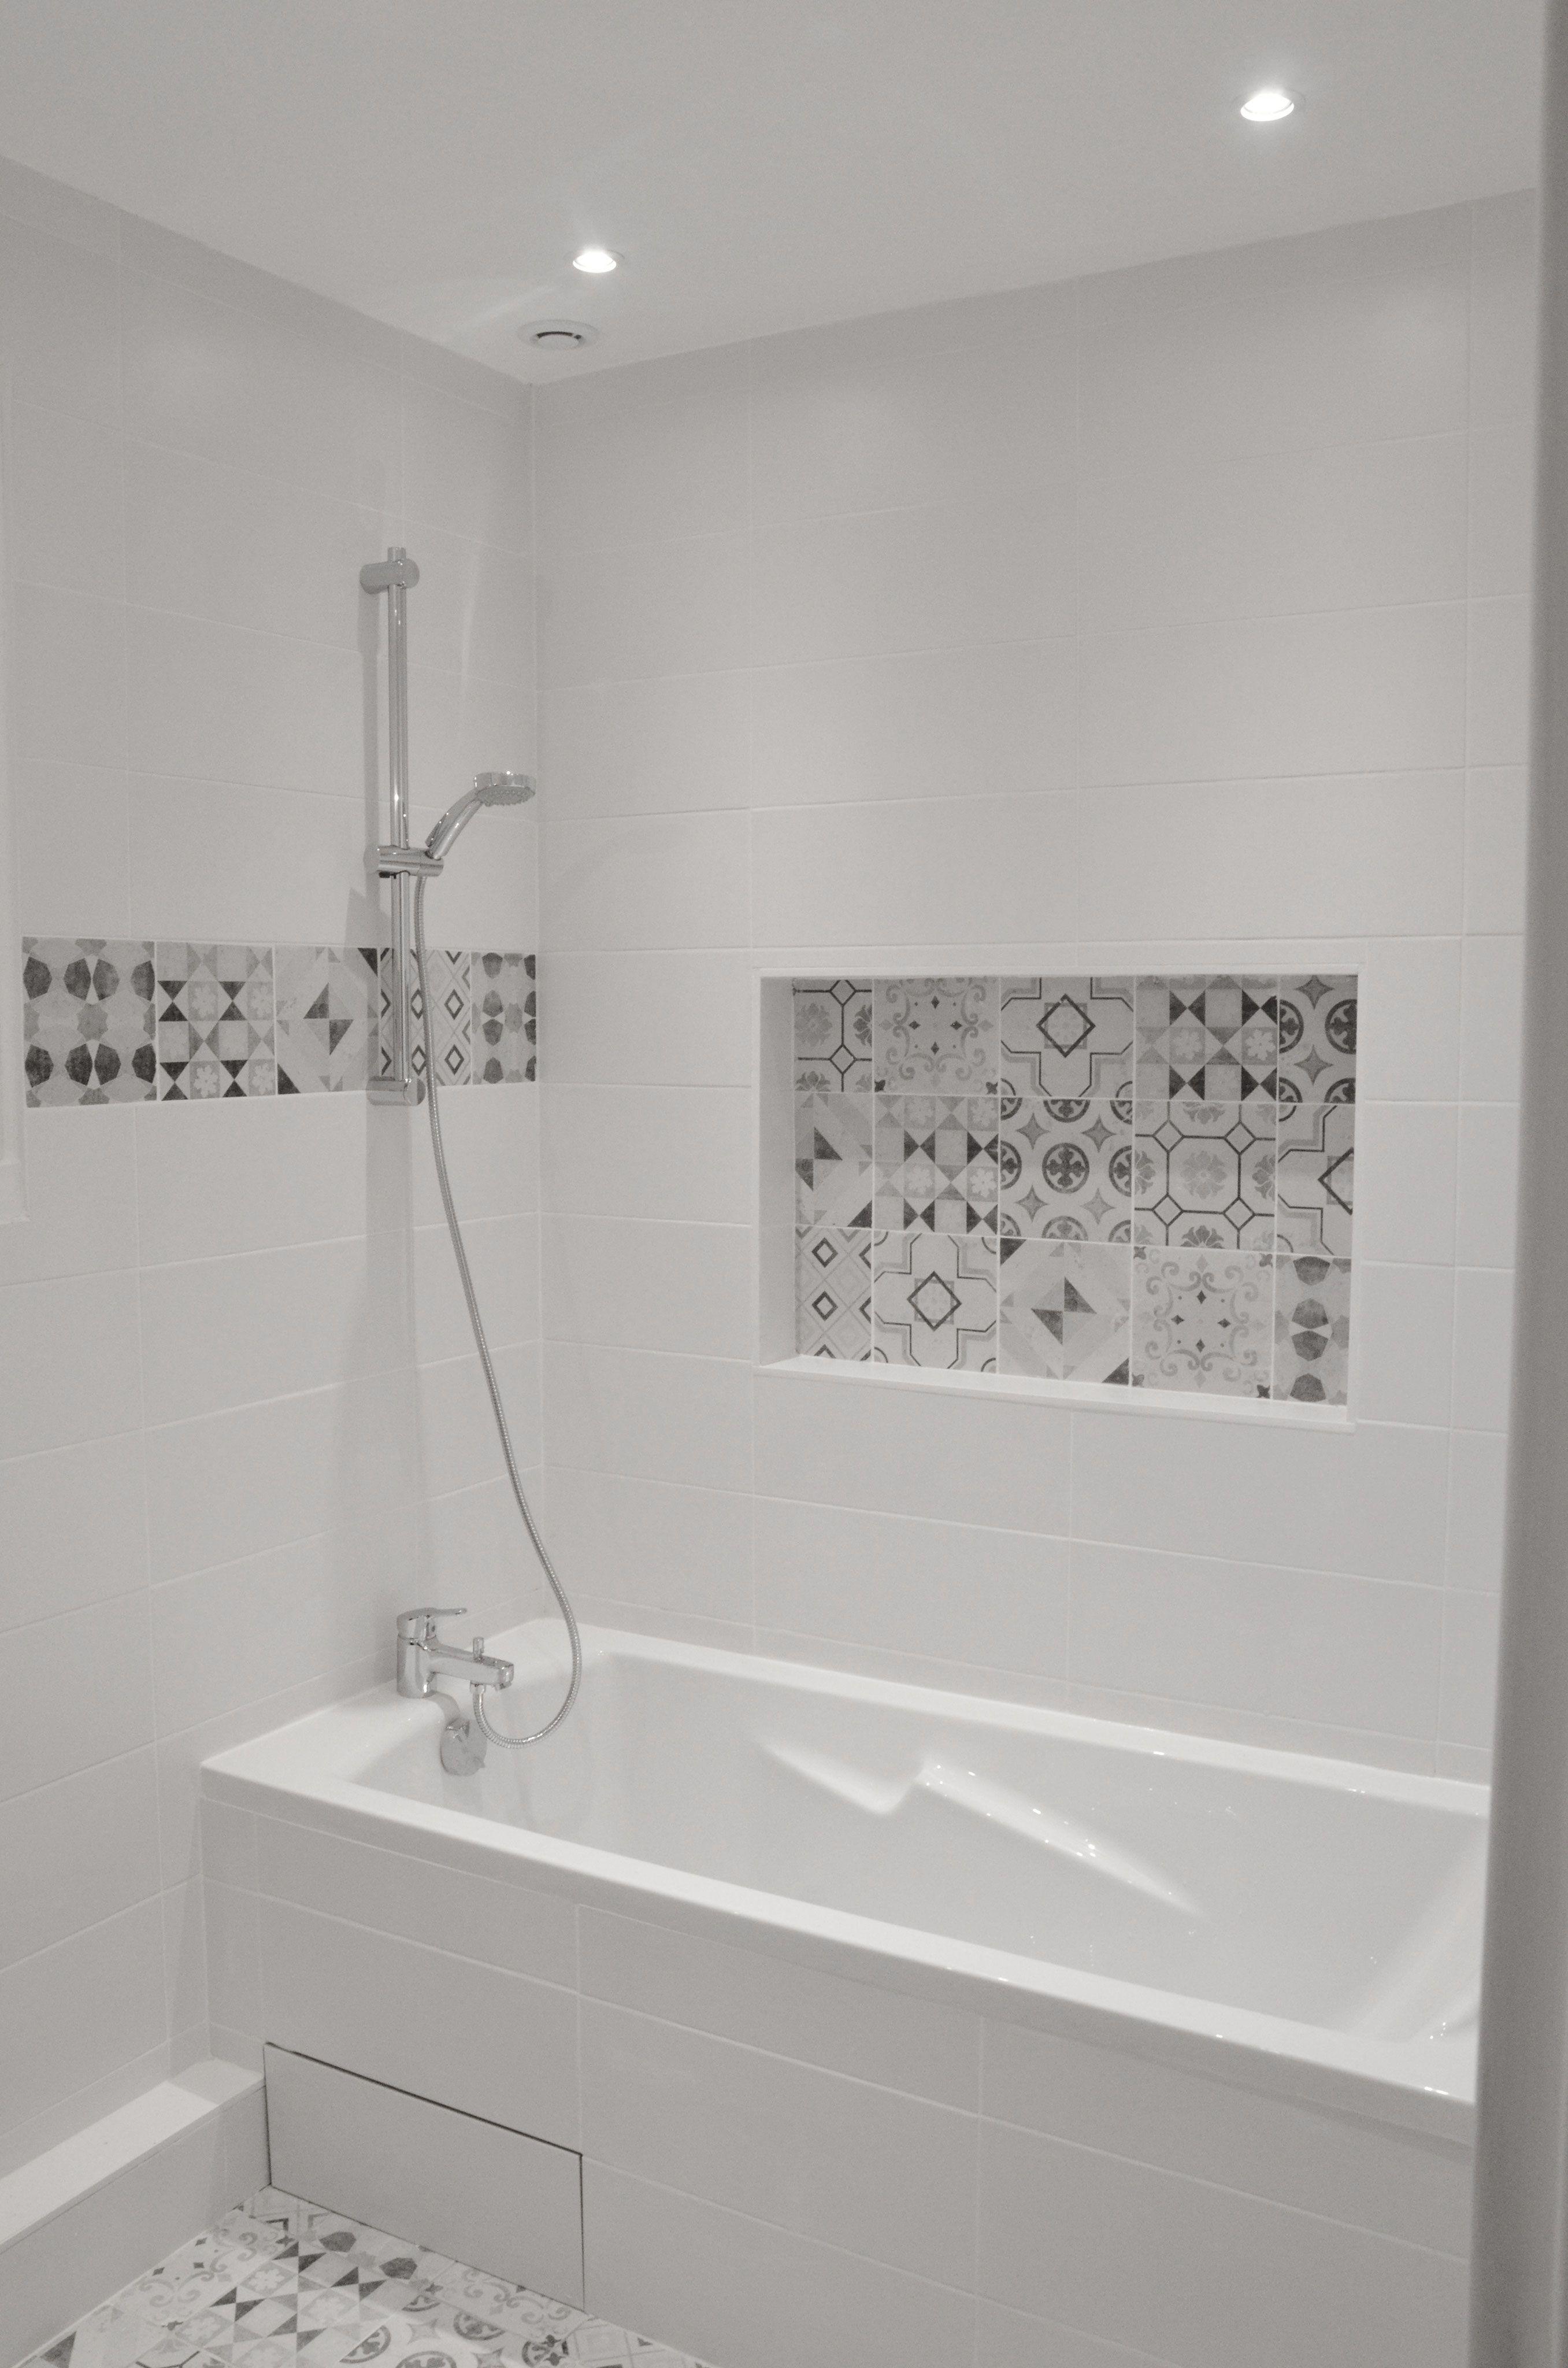 Salle bains claire, lumineuse. Carreaux de ciment et niche ...